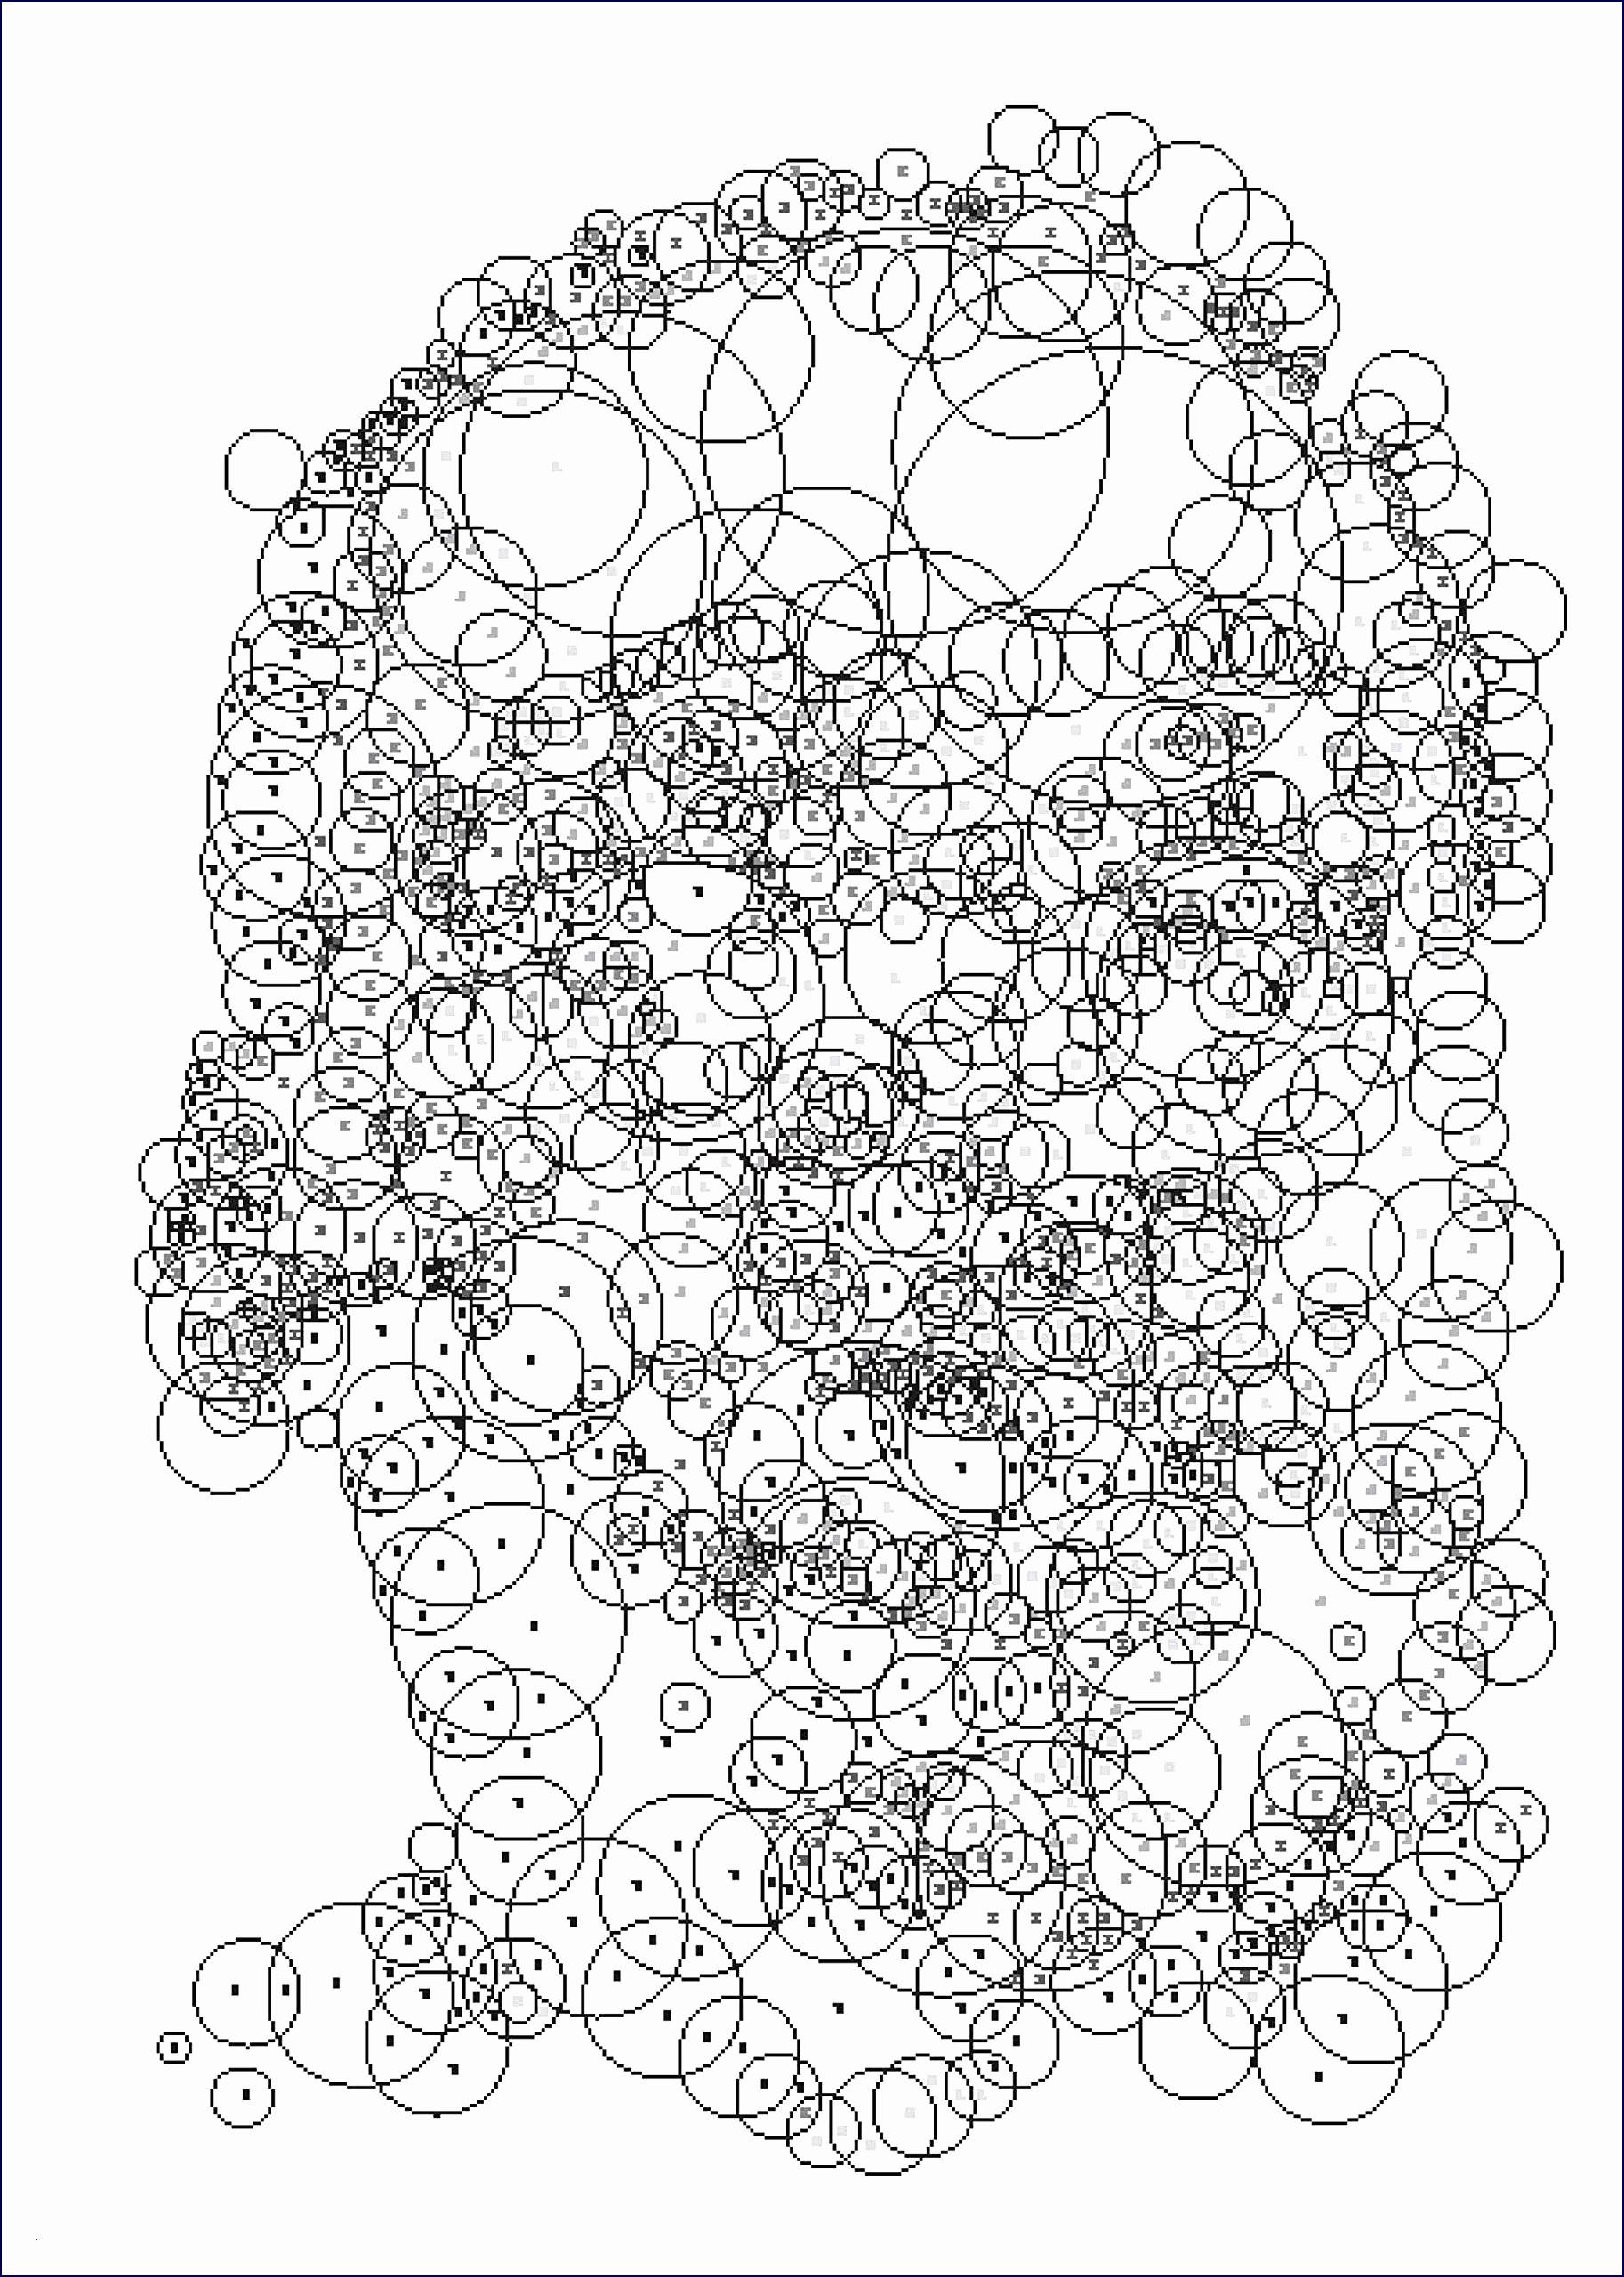 Ausmalbilder Zahlen Einzigartig Line Malen Nach Zahlen Designs Bayern Ausmalbilder Frisch Stock